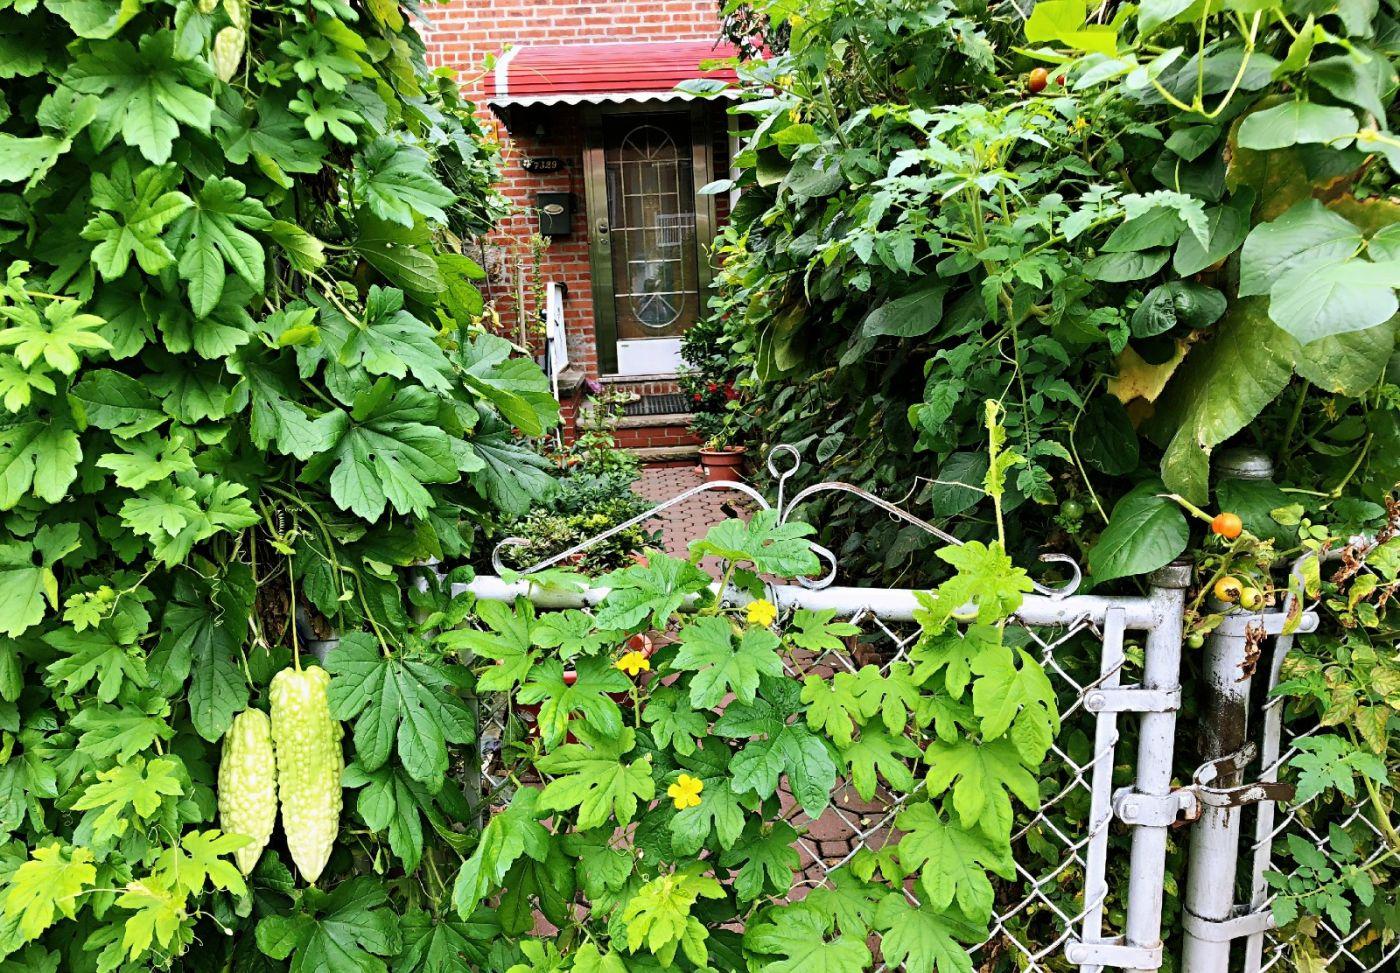 【田螺随拍】路边窗前的小菜园子_图1-4